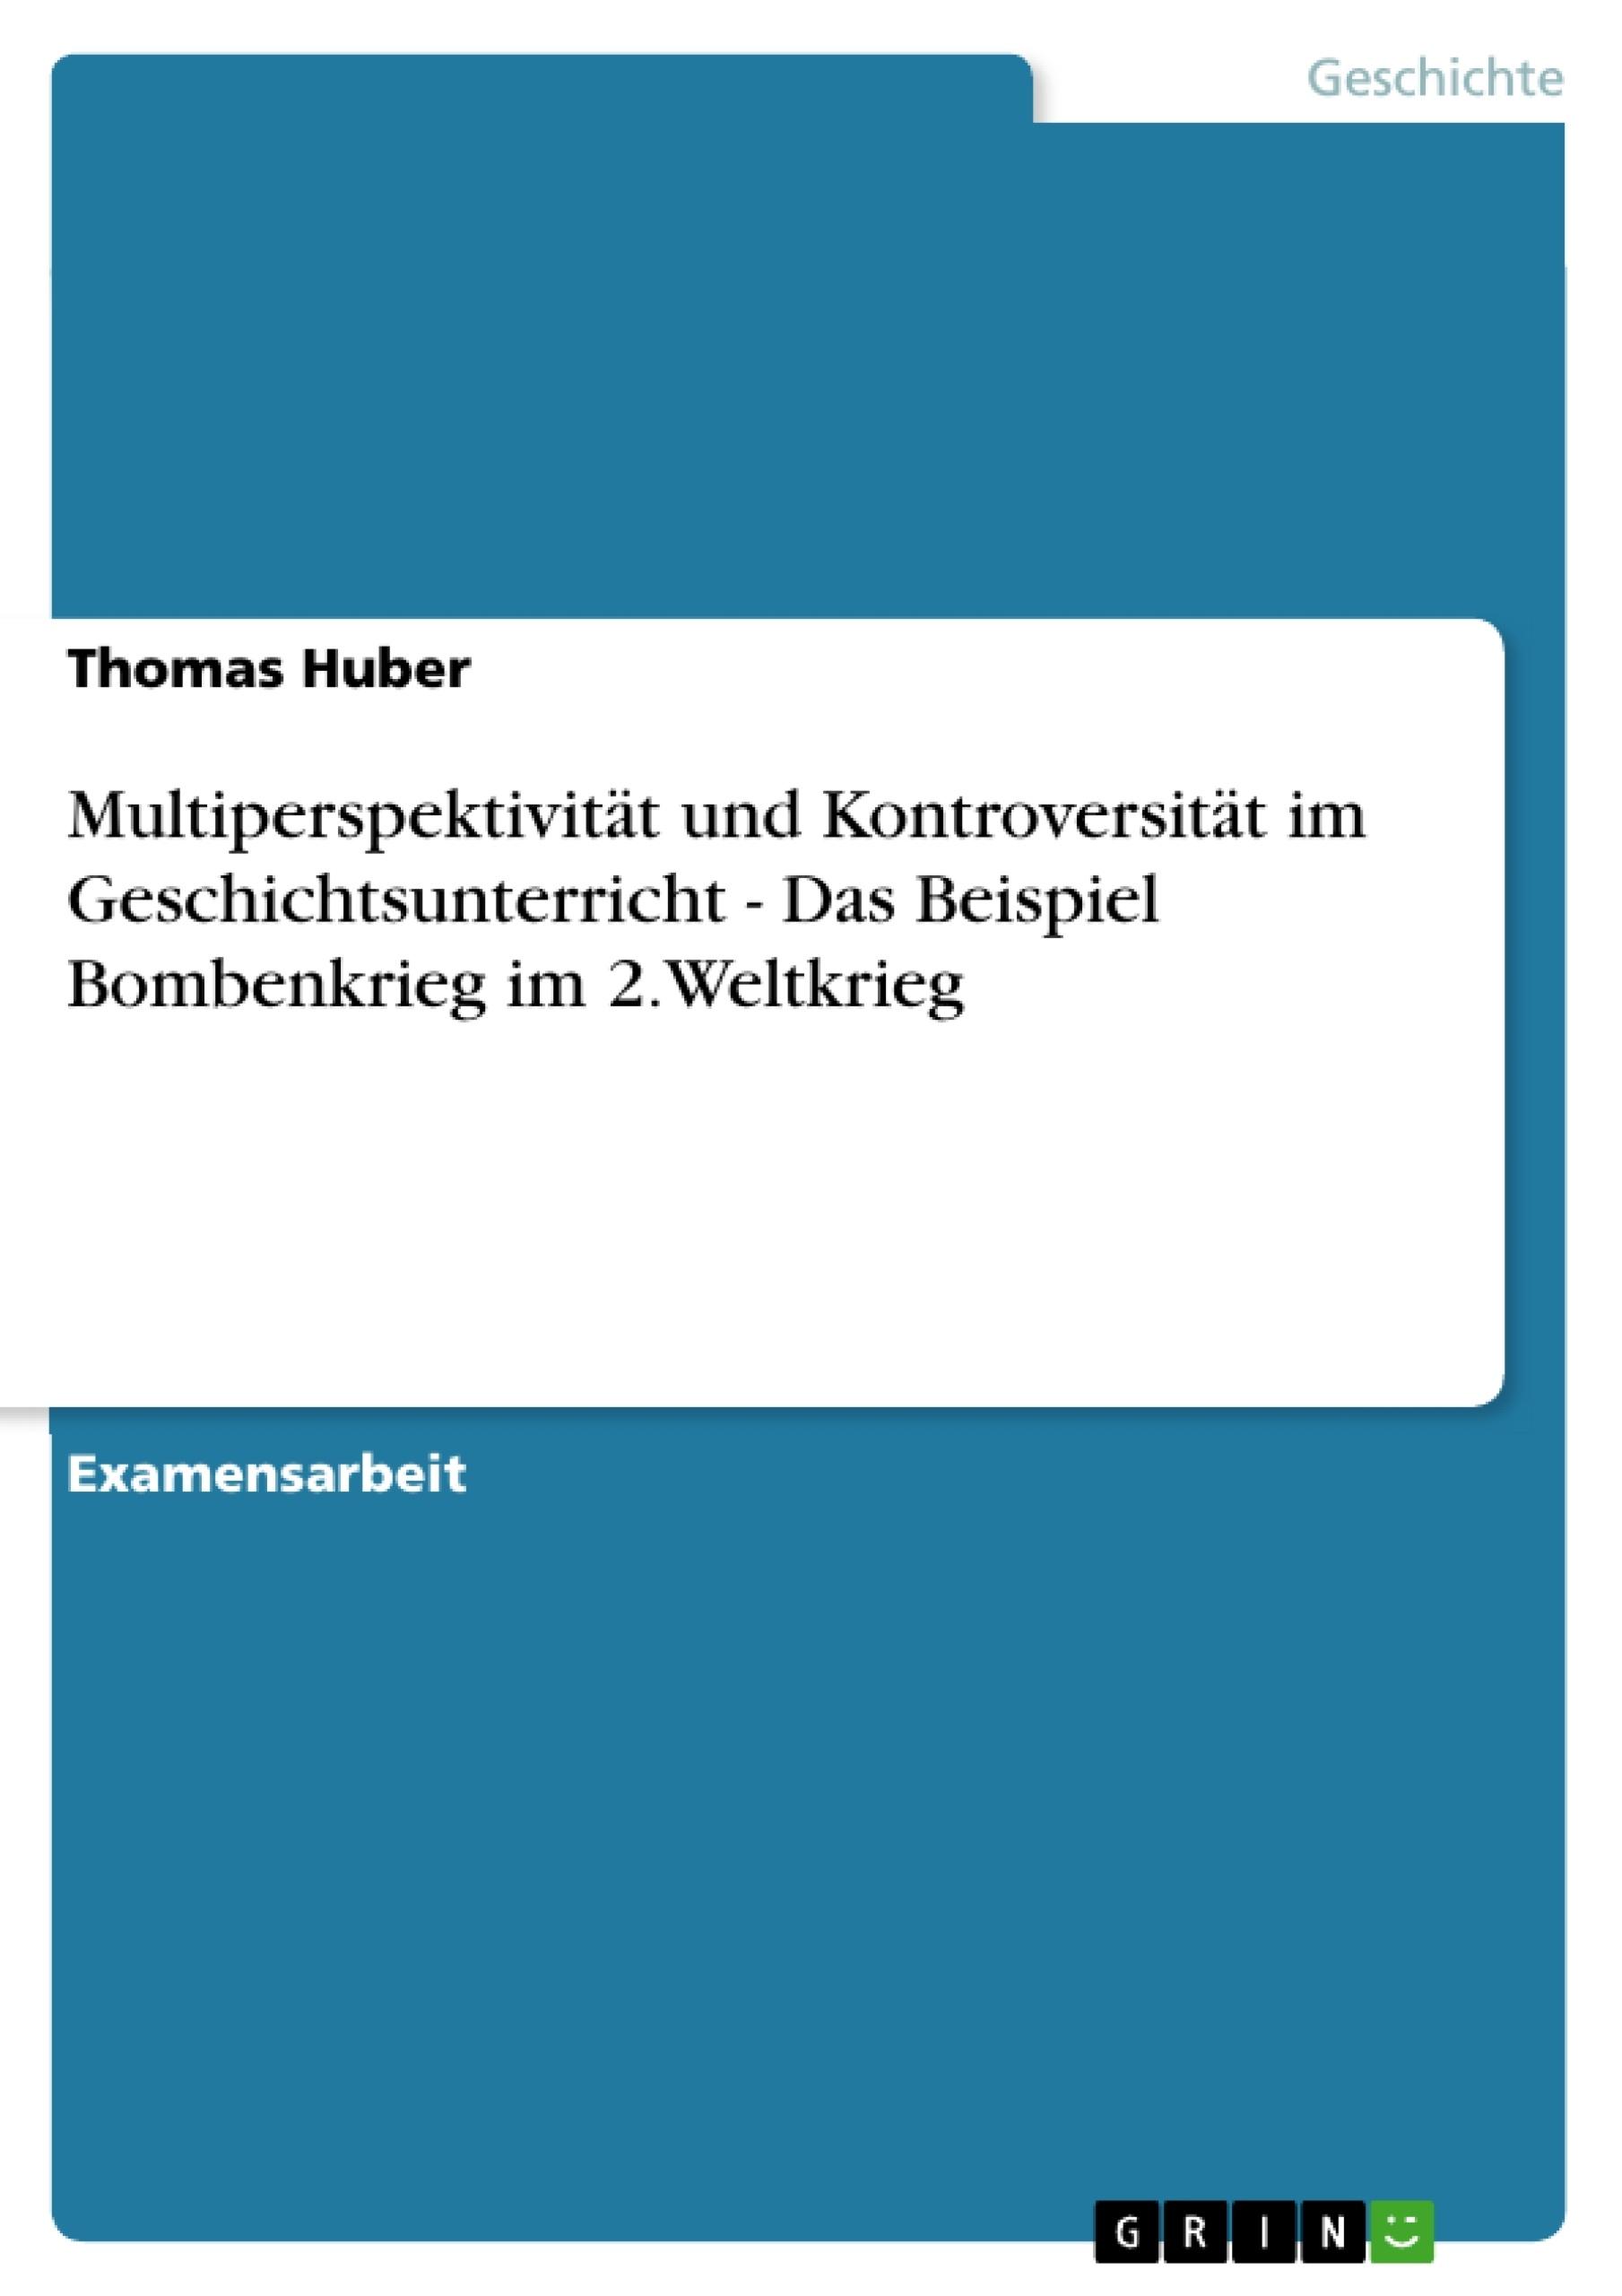 Titel: Multiperspektivität und Kontroversität im Geschichtsunterricht - Das Beispiel Bombenkrieg im 2.Weltkrieg